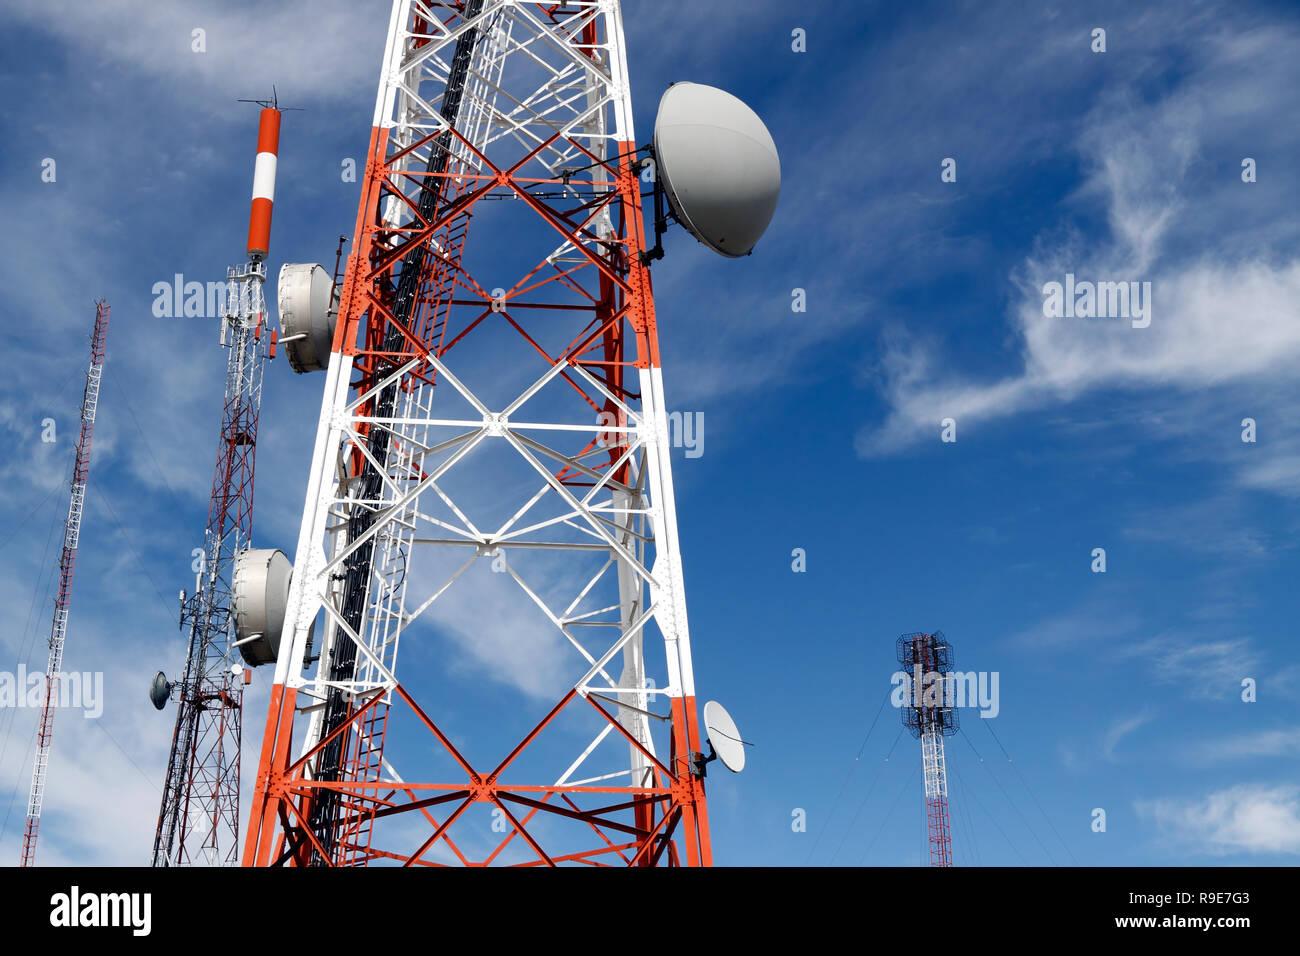 Verschiedene Arten Der Kommunikation Antennen Und Roten Und Weissen